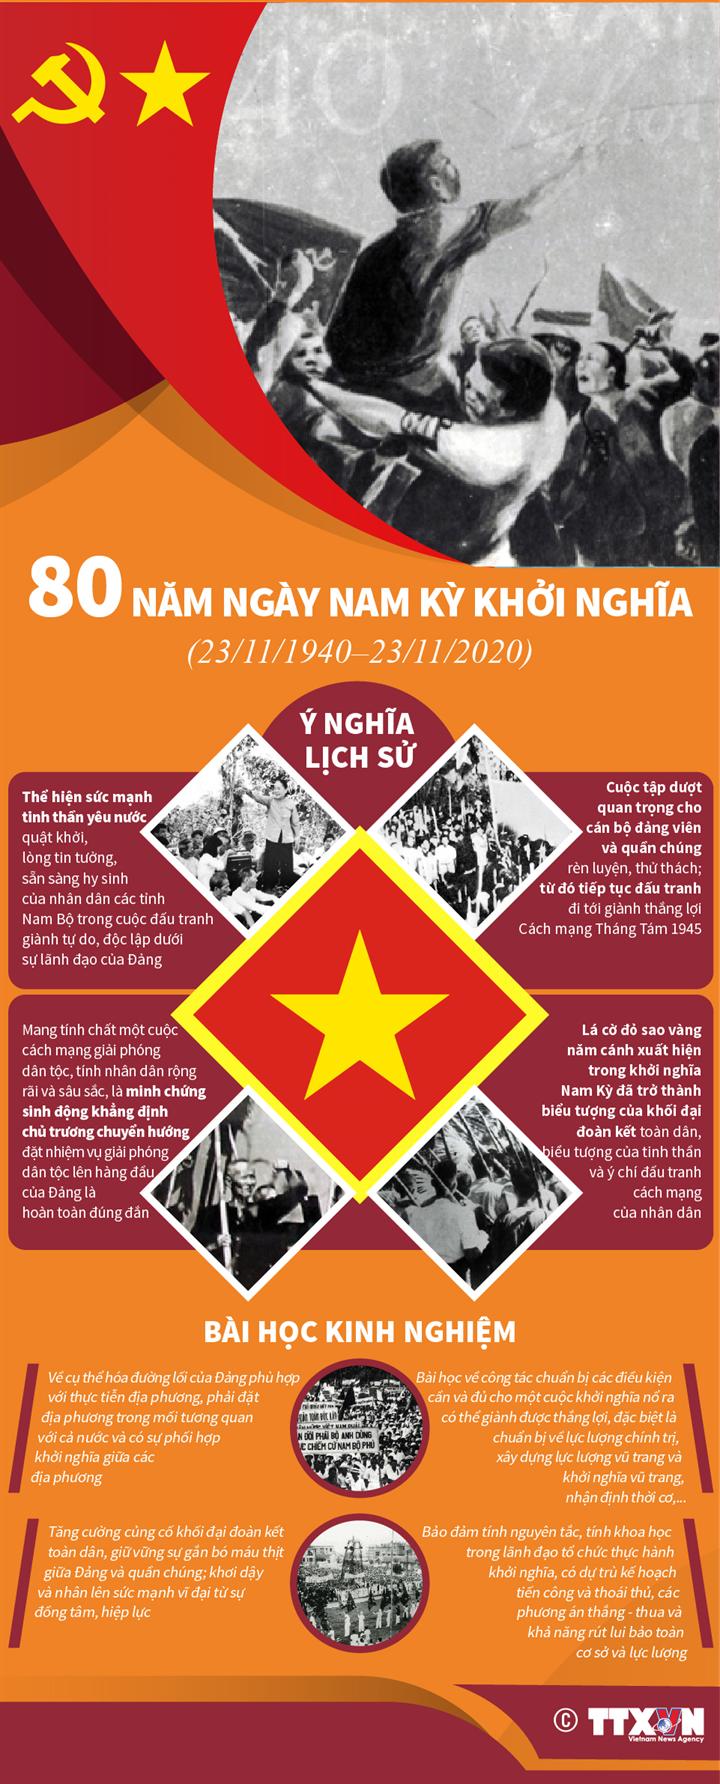 80 năm Ngày Nam Kỳ khởi nghĩa (23/11/1940 - 23/11/2020): Ý nghĩa lịch sử và bài học kinh nghiệm